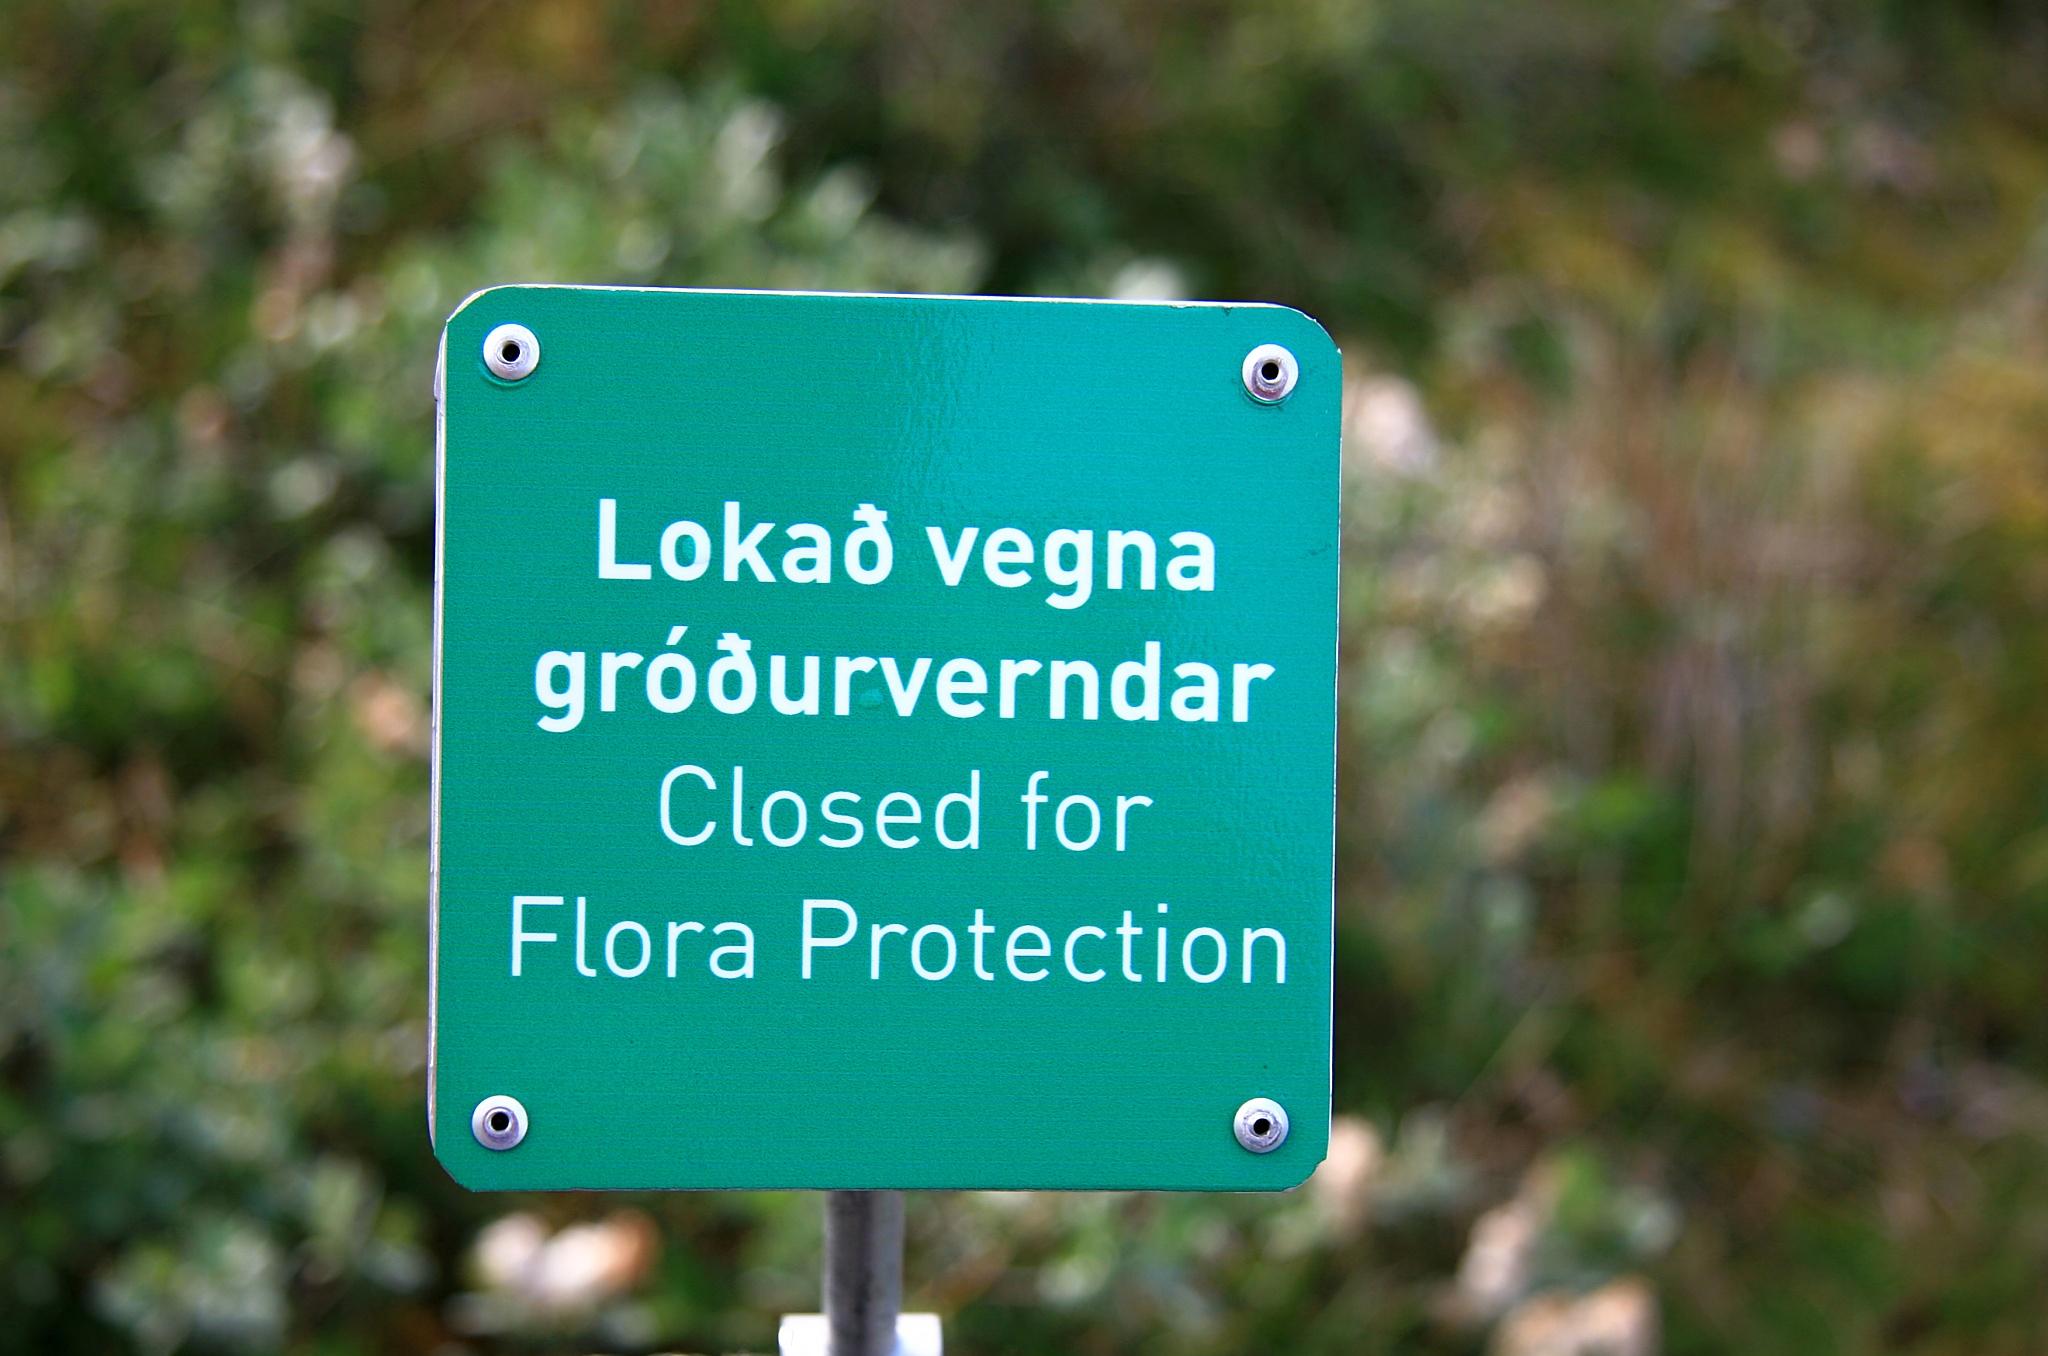 Zákaz vstupu, chráníme rostliny